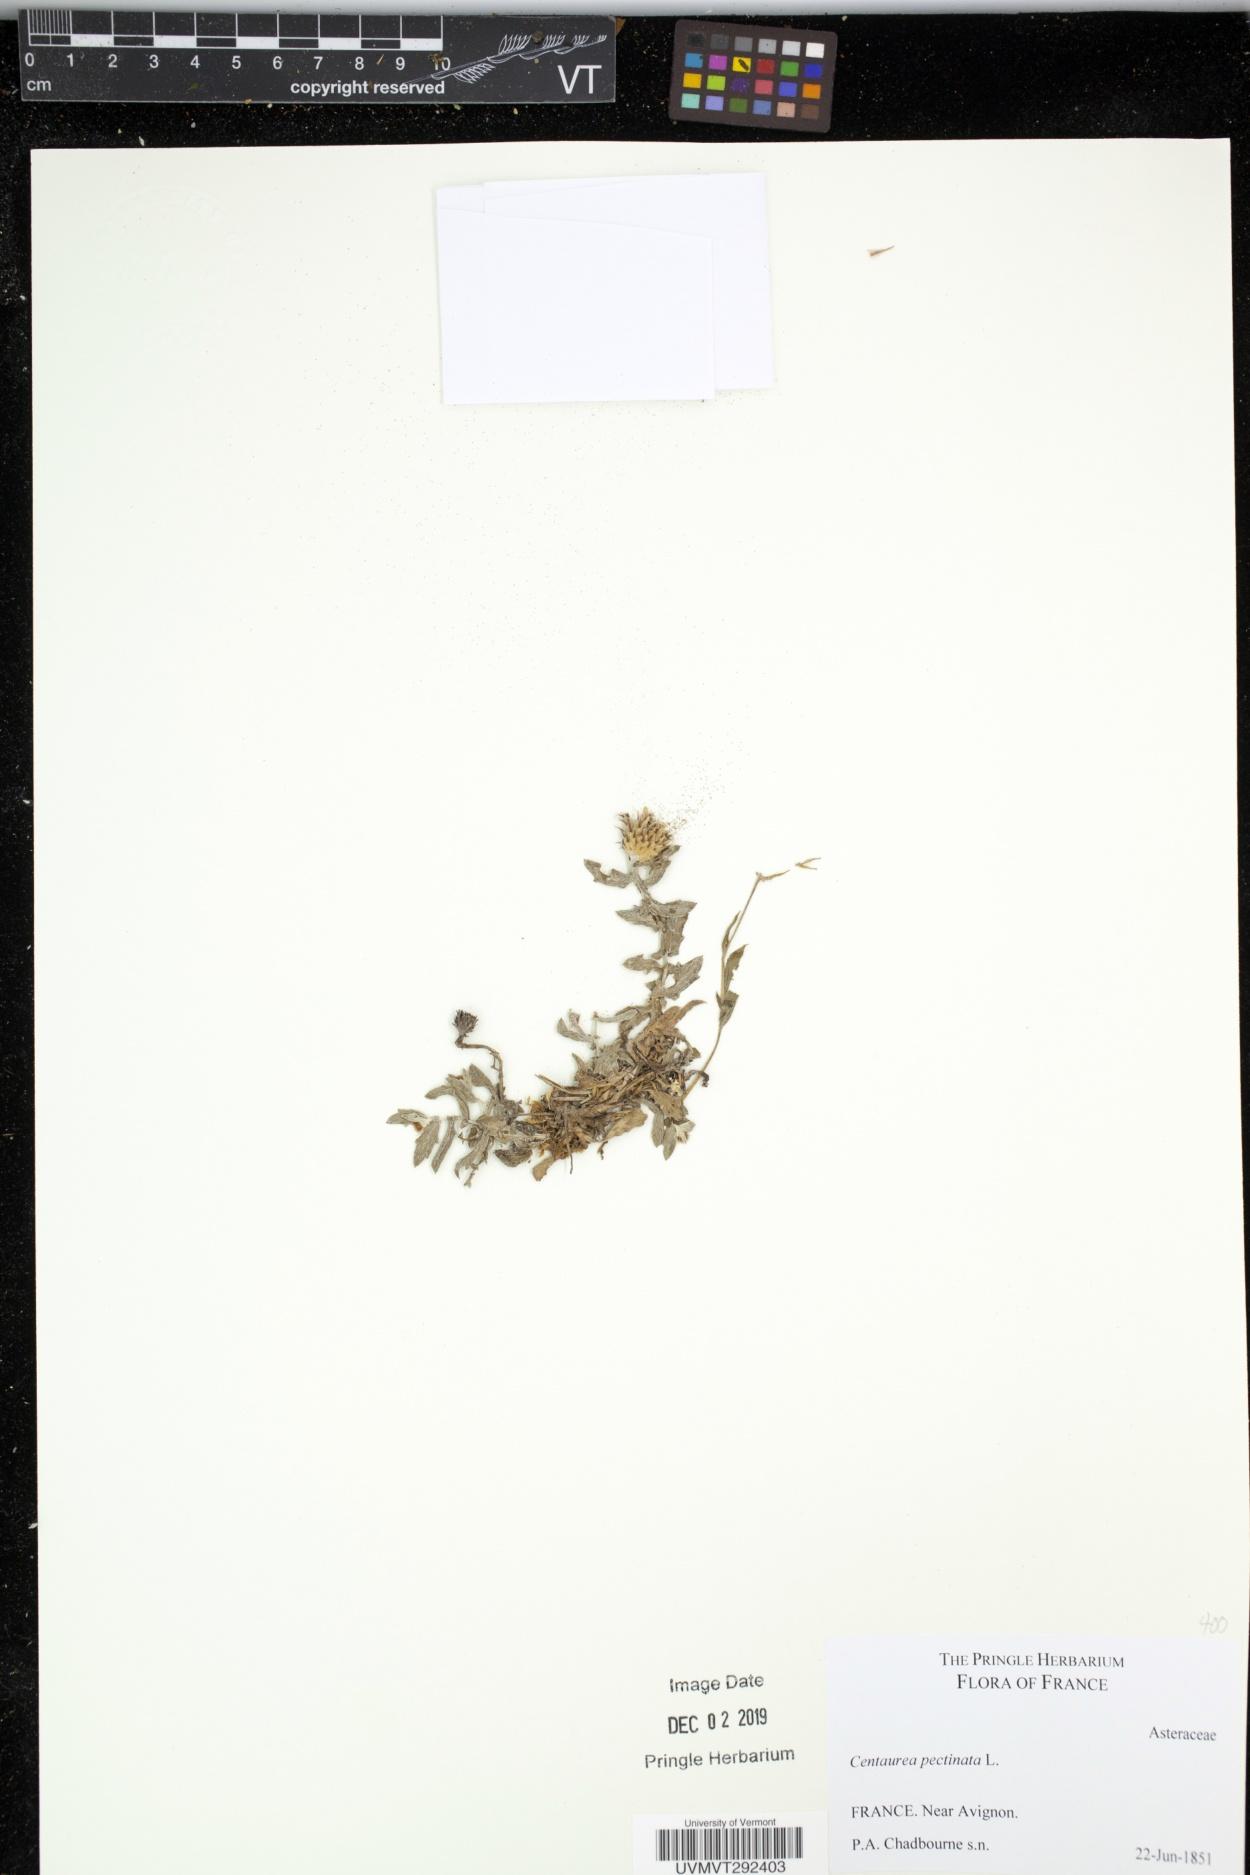 Centaurea pectinata image